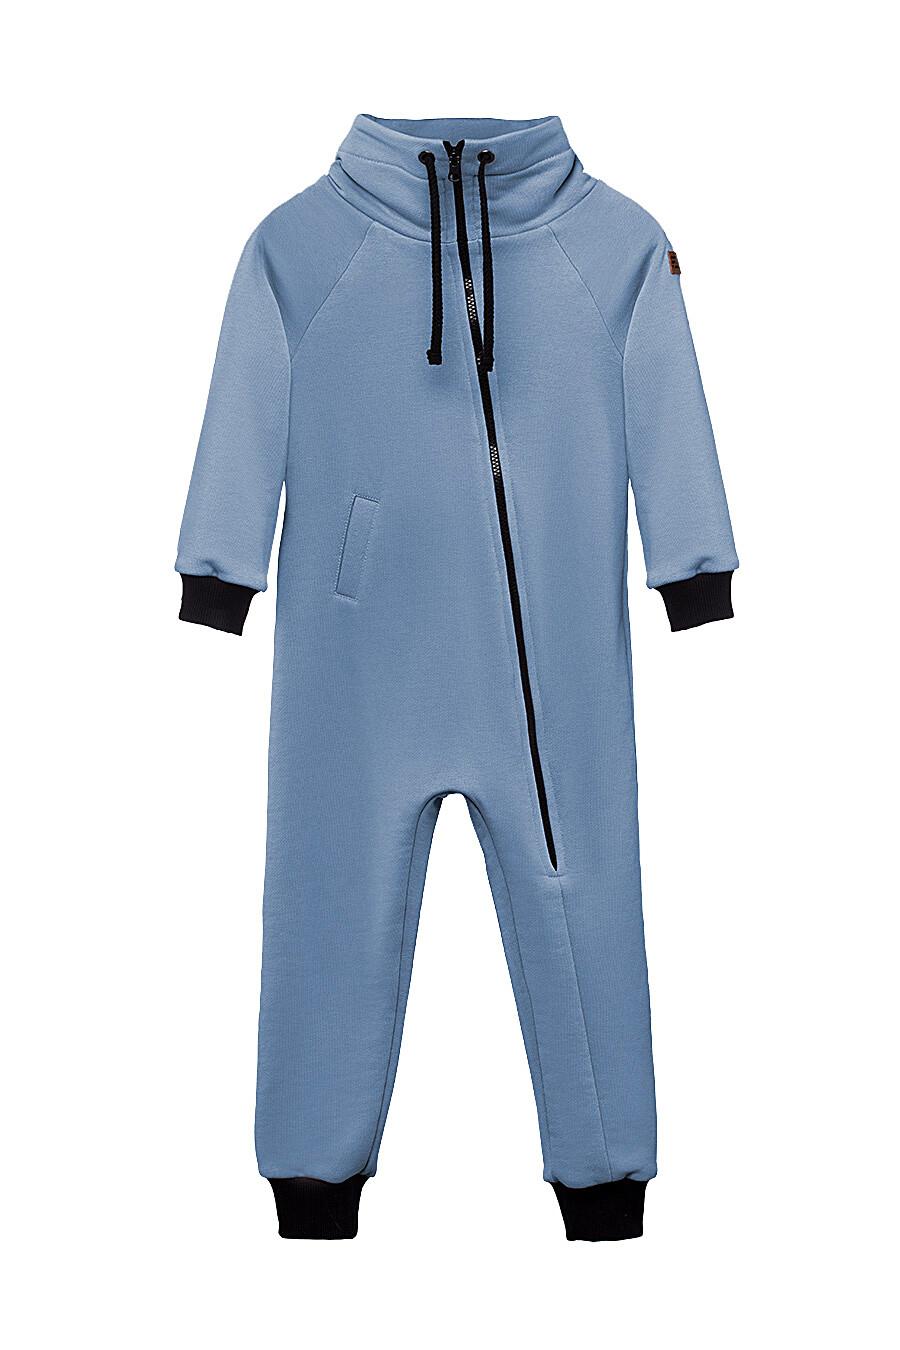 Комбинезон для мальчиков EZANNA 649185 купить оптом от производителя. Совместная покупка детской одежды в OptMoyo